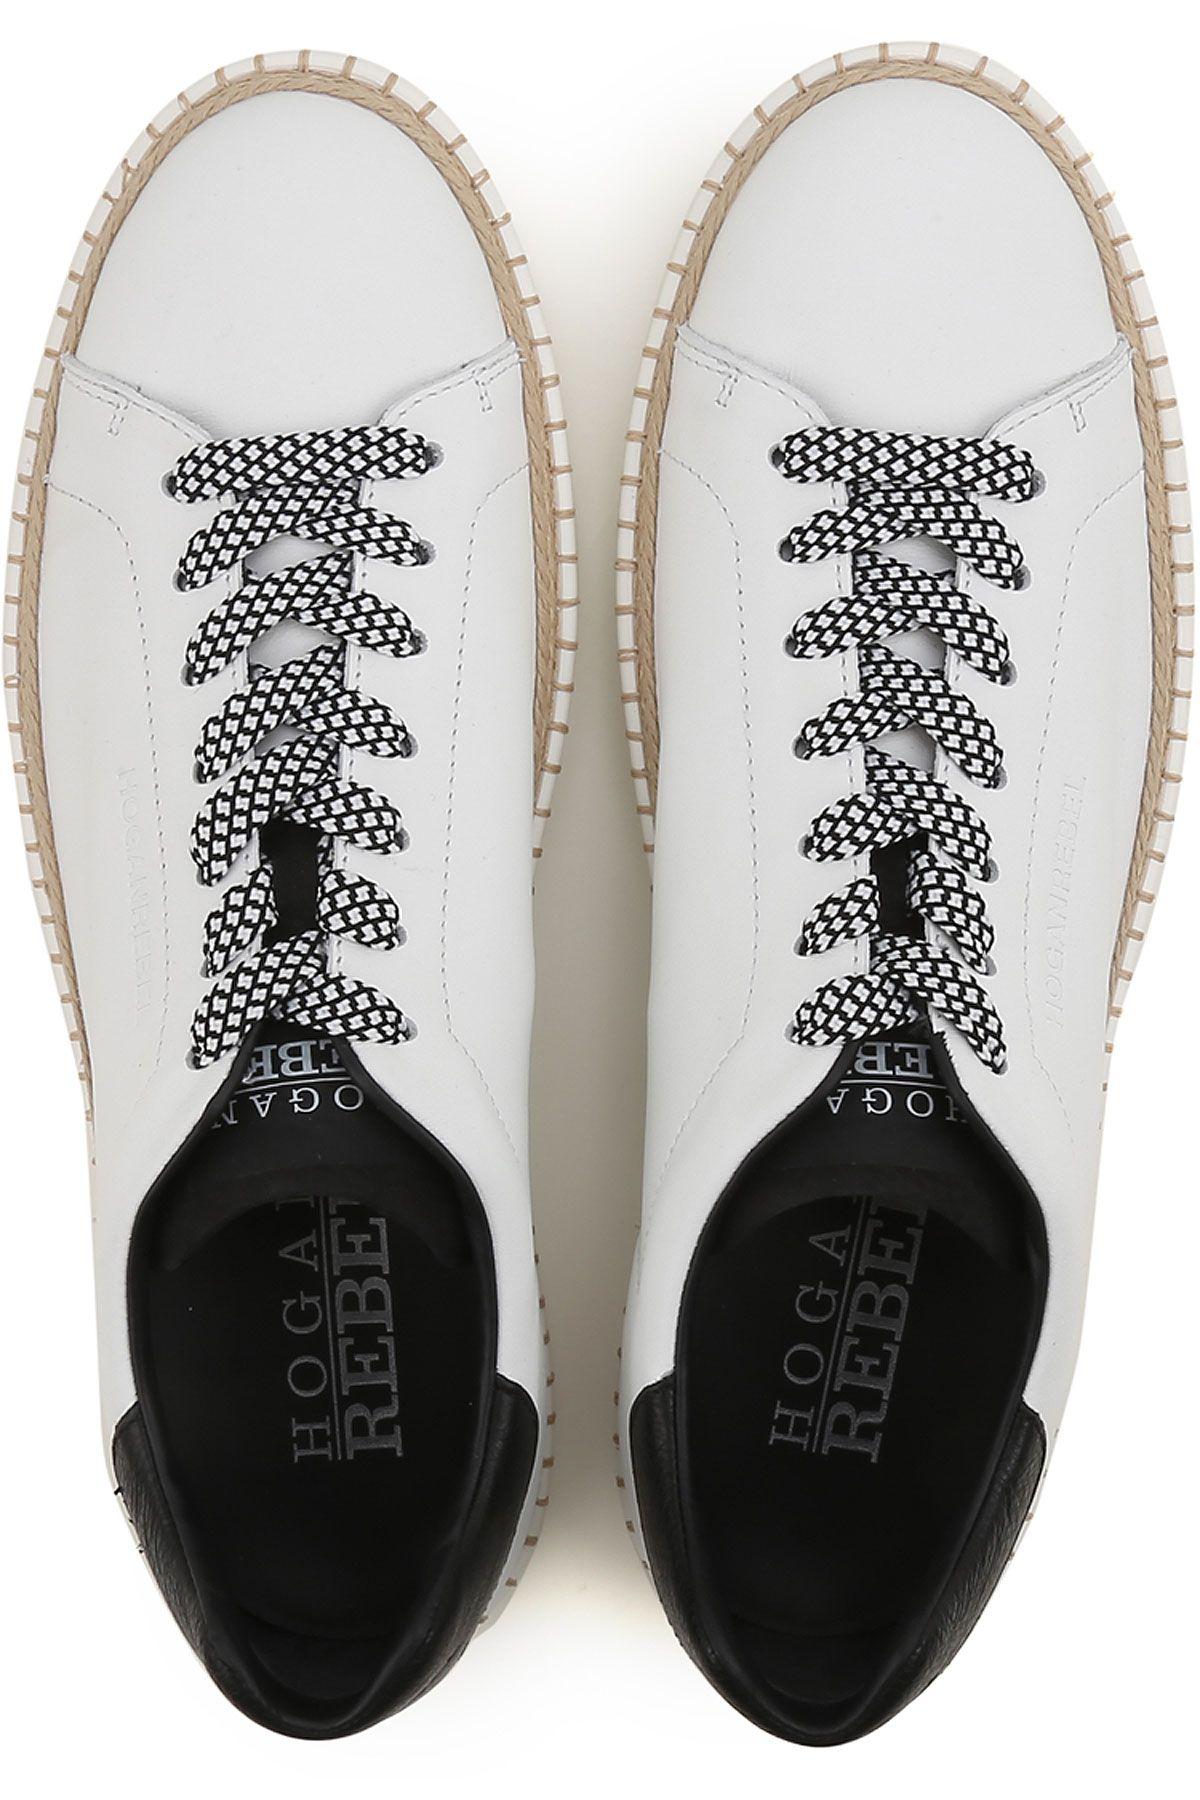 acheter populaire 07e41 f917d Boutique de Chaussures Hogan por Homme de la Nouvelle ...